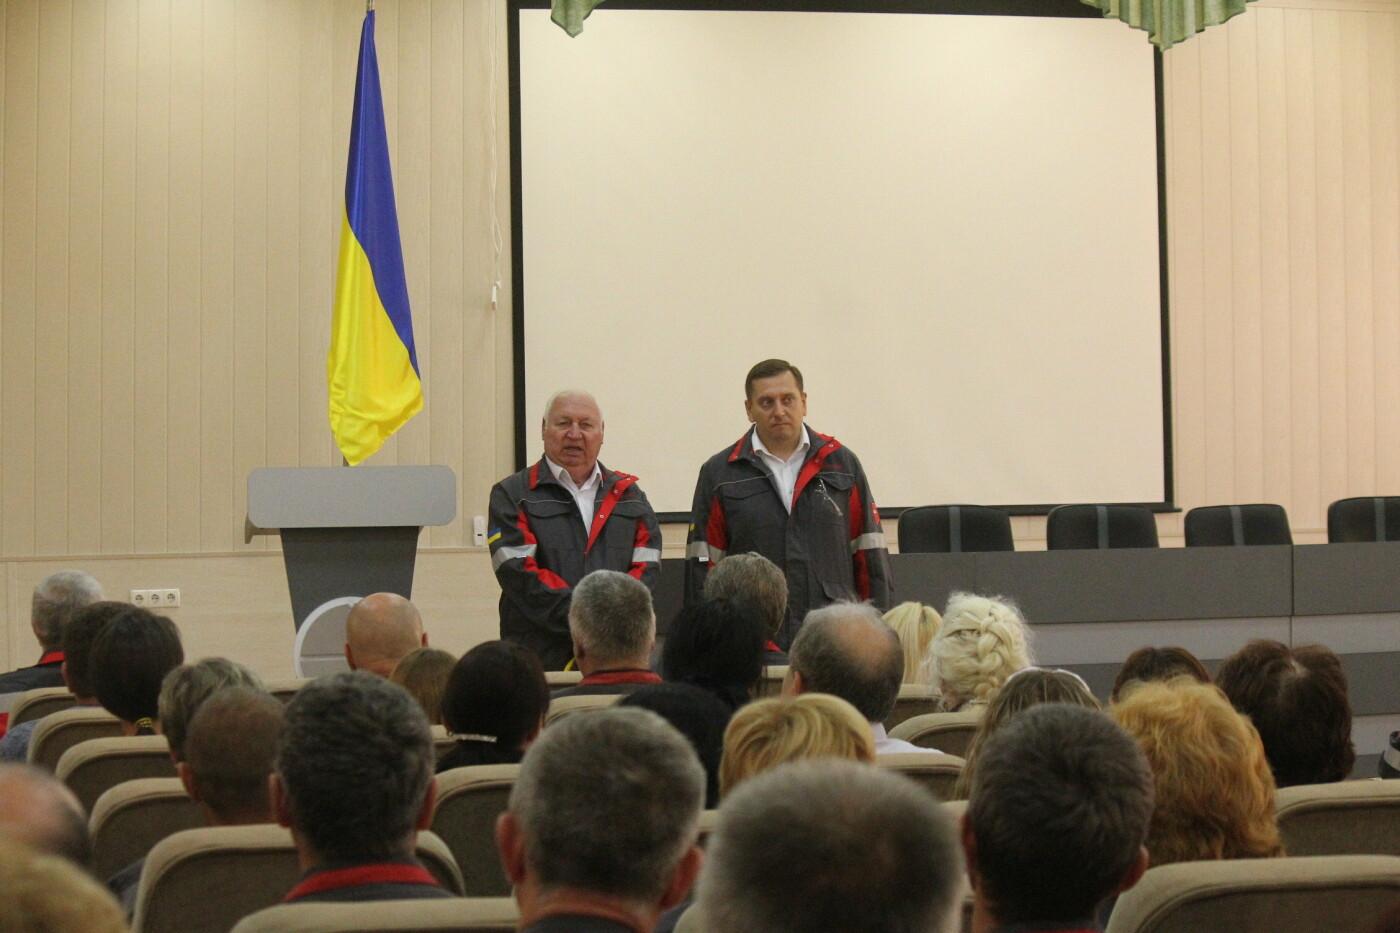 Запорожские металлурги на выборах поддерживают команду Владимира Буряка, фото-3